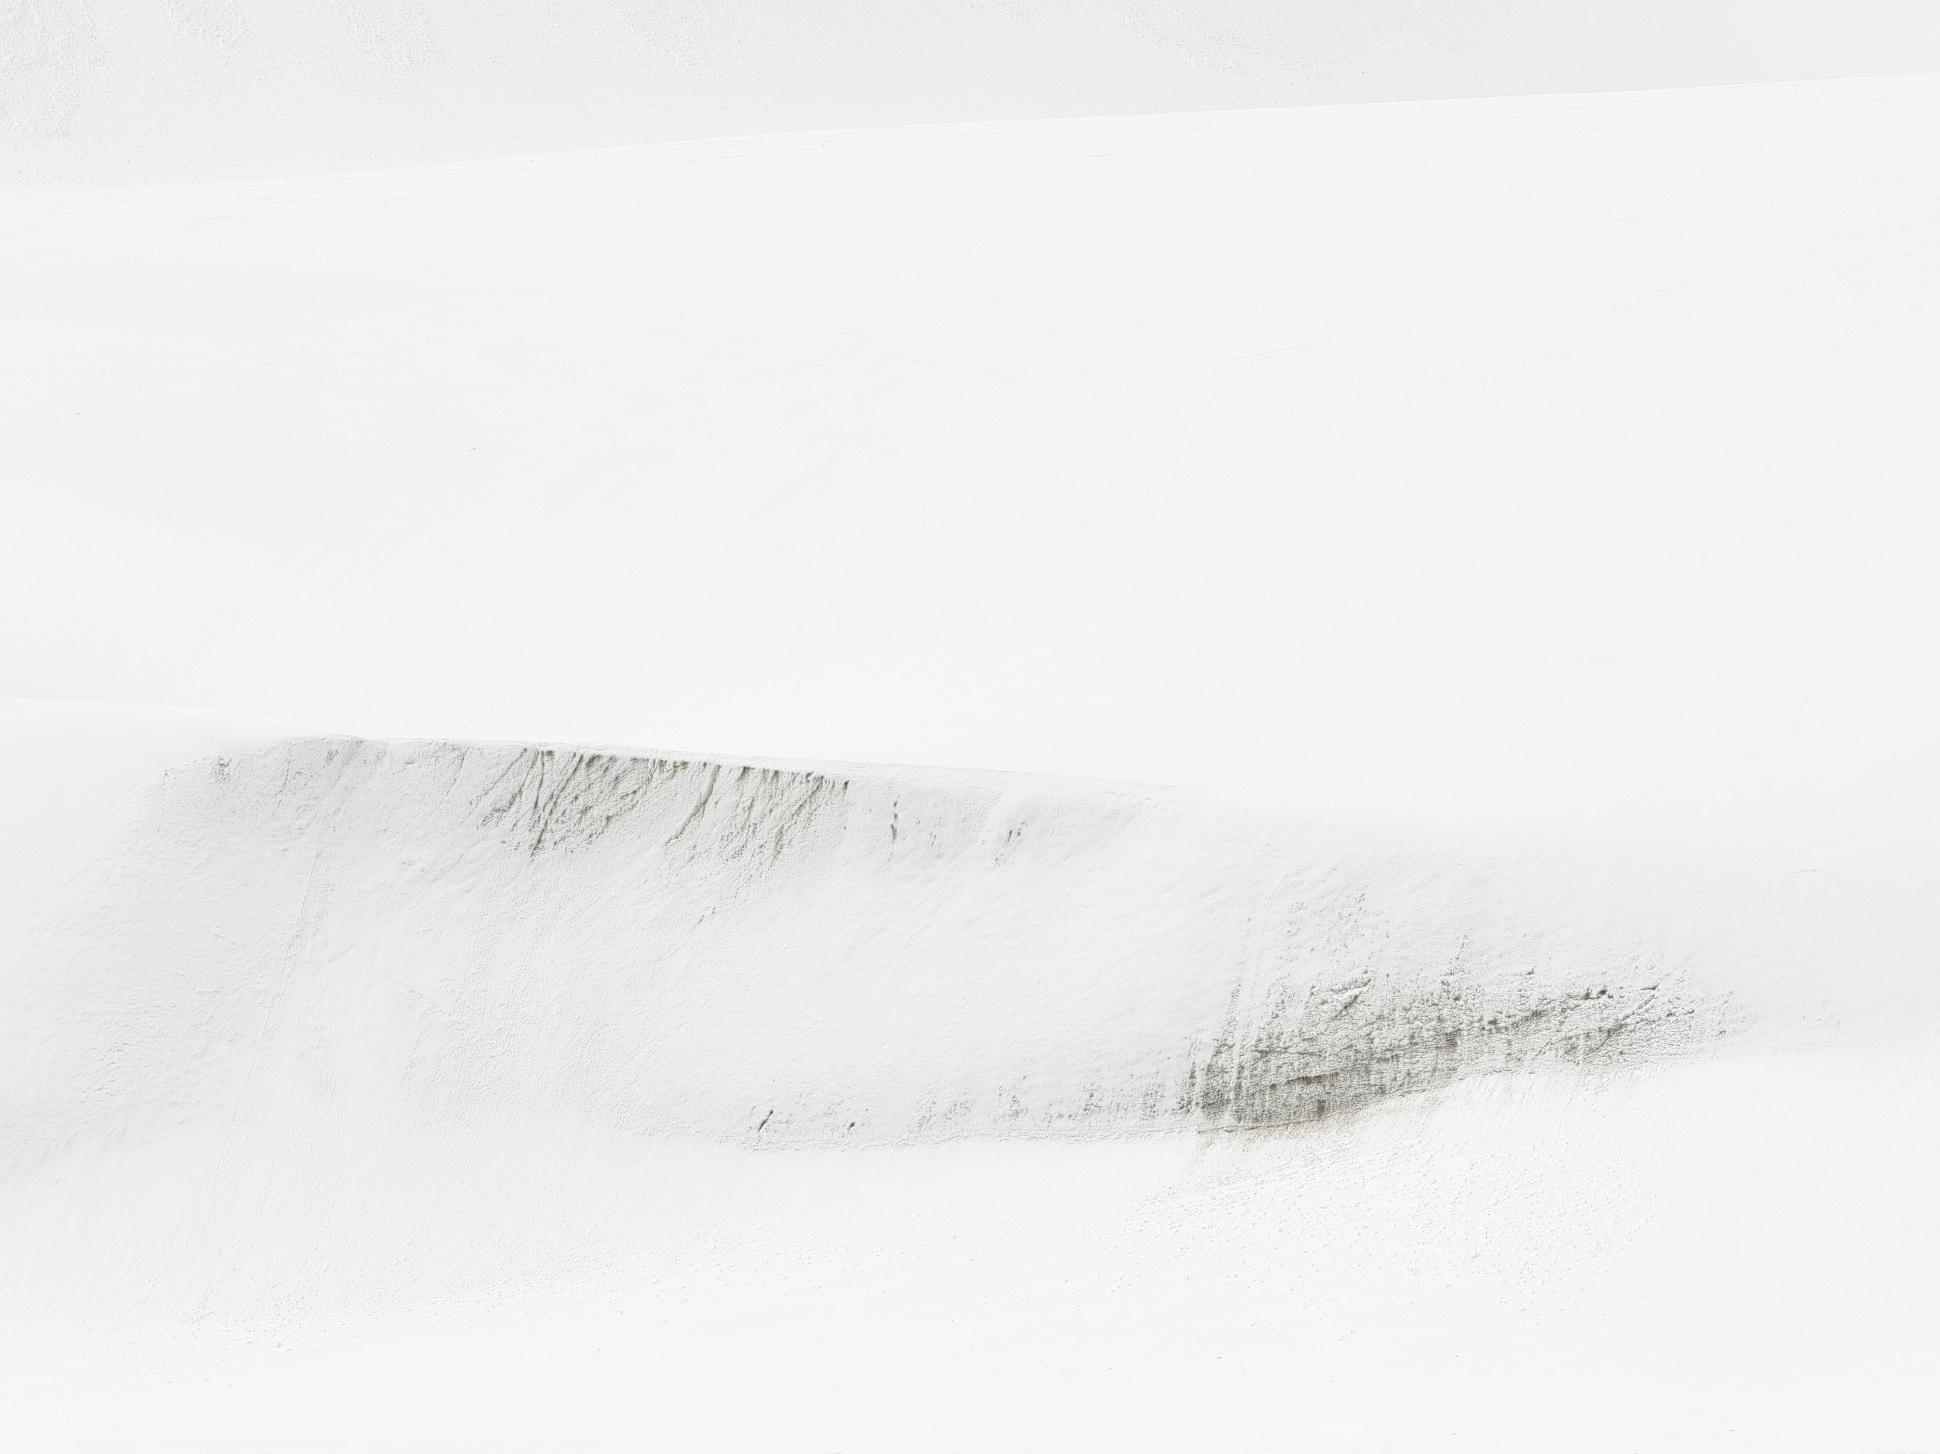 magdalenefjorden_brookeholm_LR